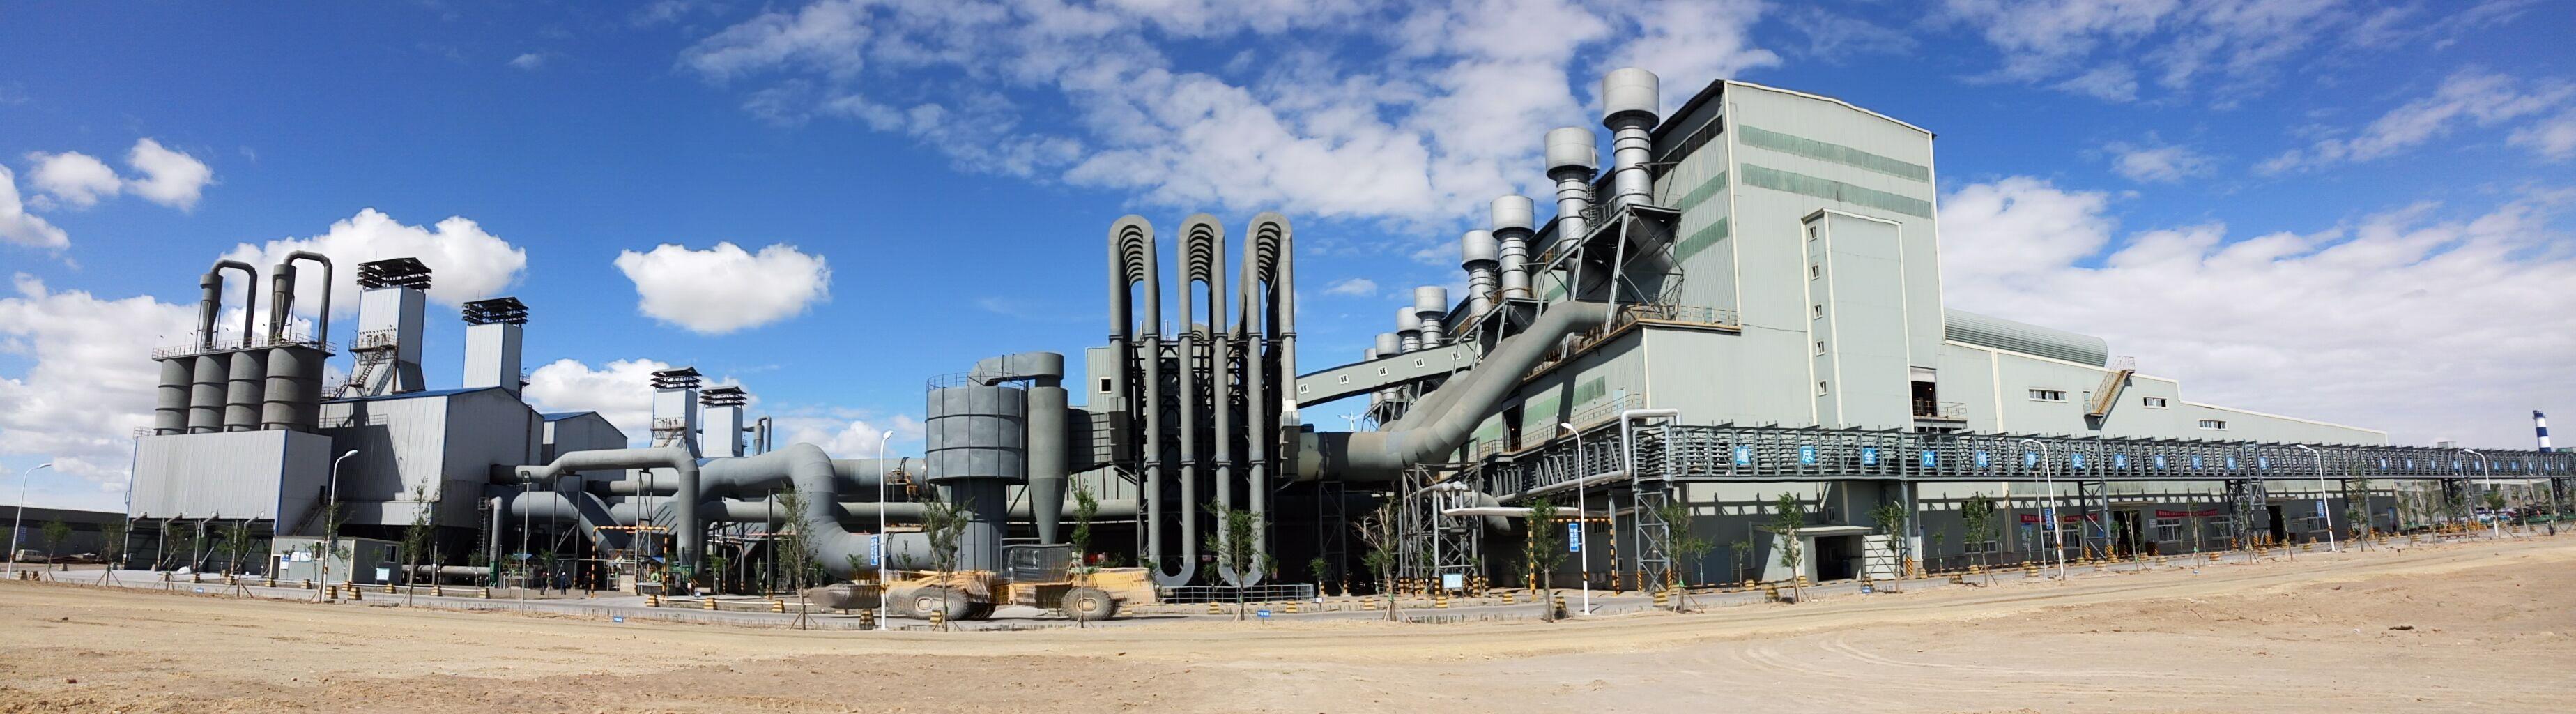 1-33000kVA工业硅矿热炉烟气净化除尘系统工程